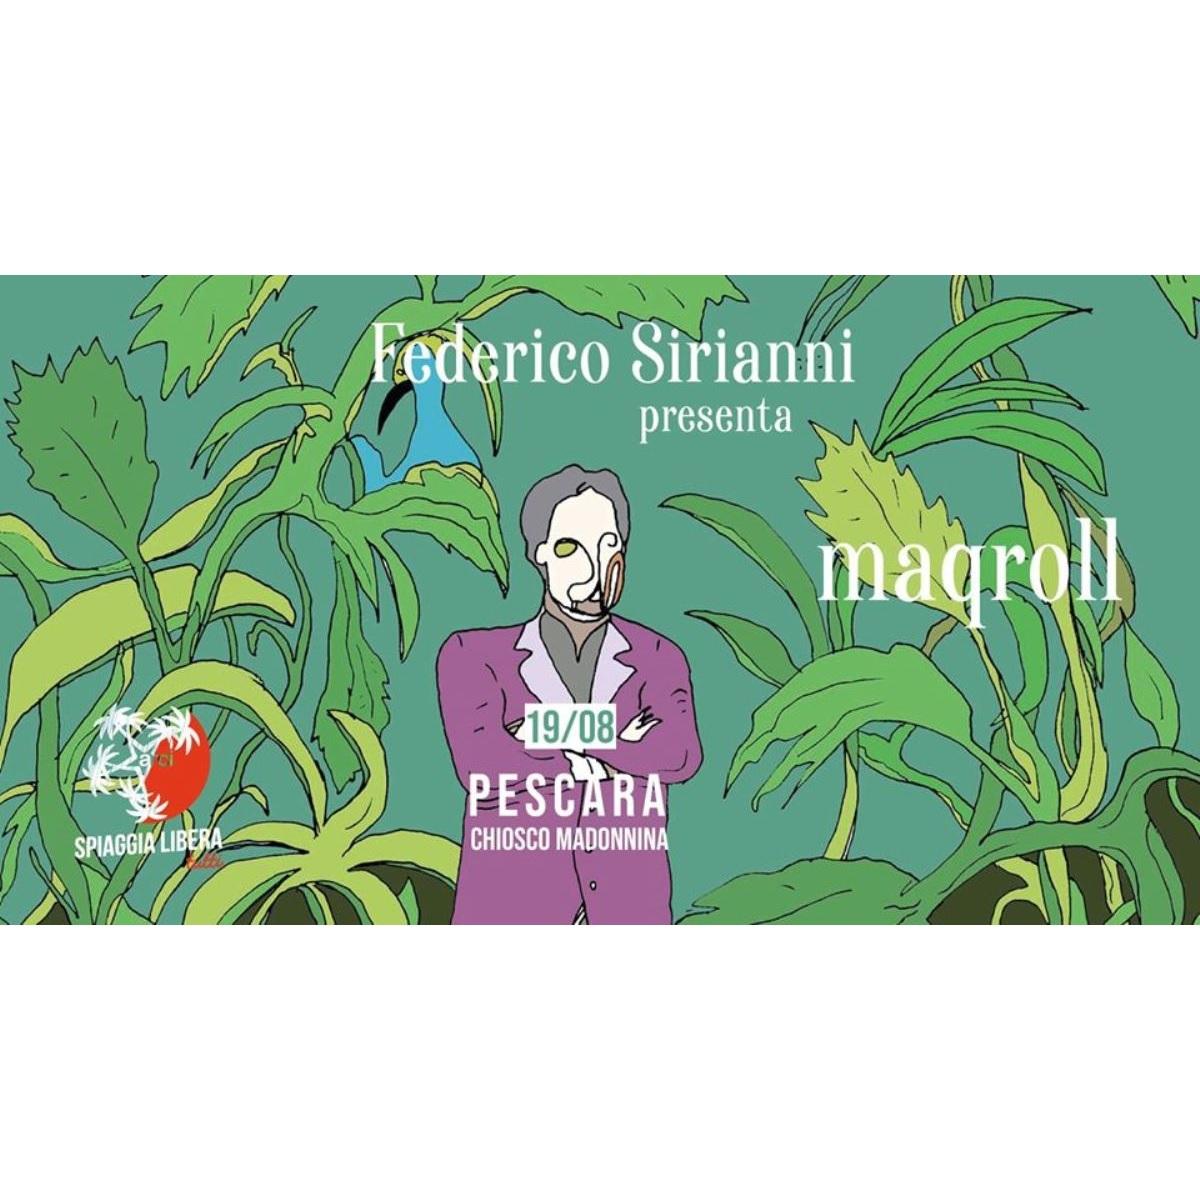 Federico Sirianni a Pescara il 19 agosto 2020 foto